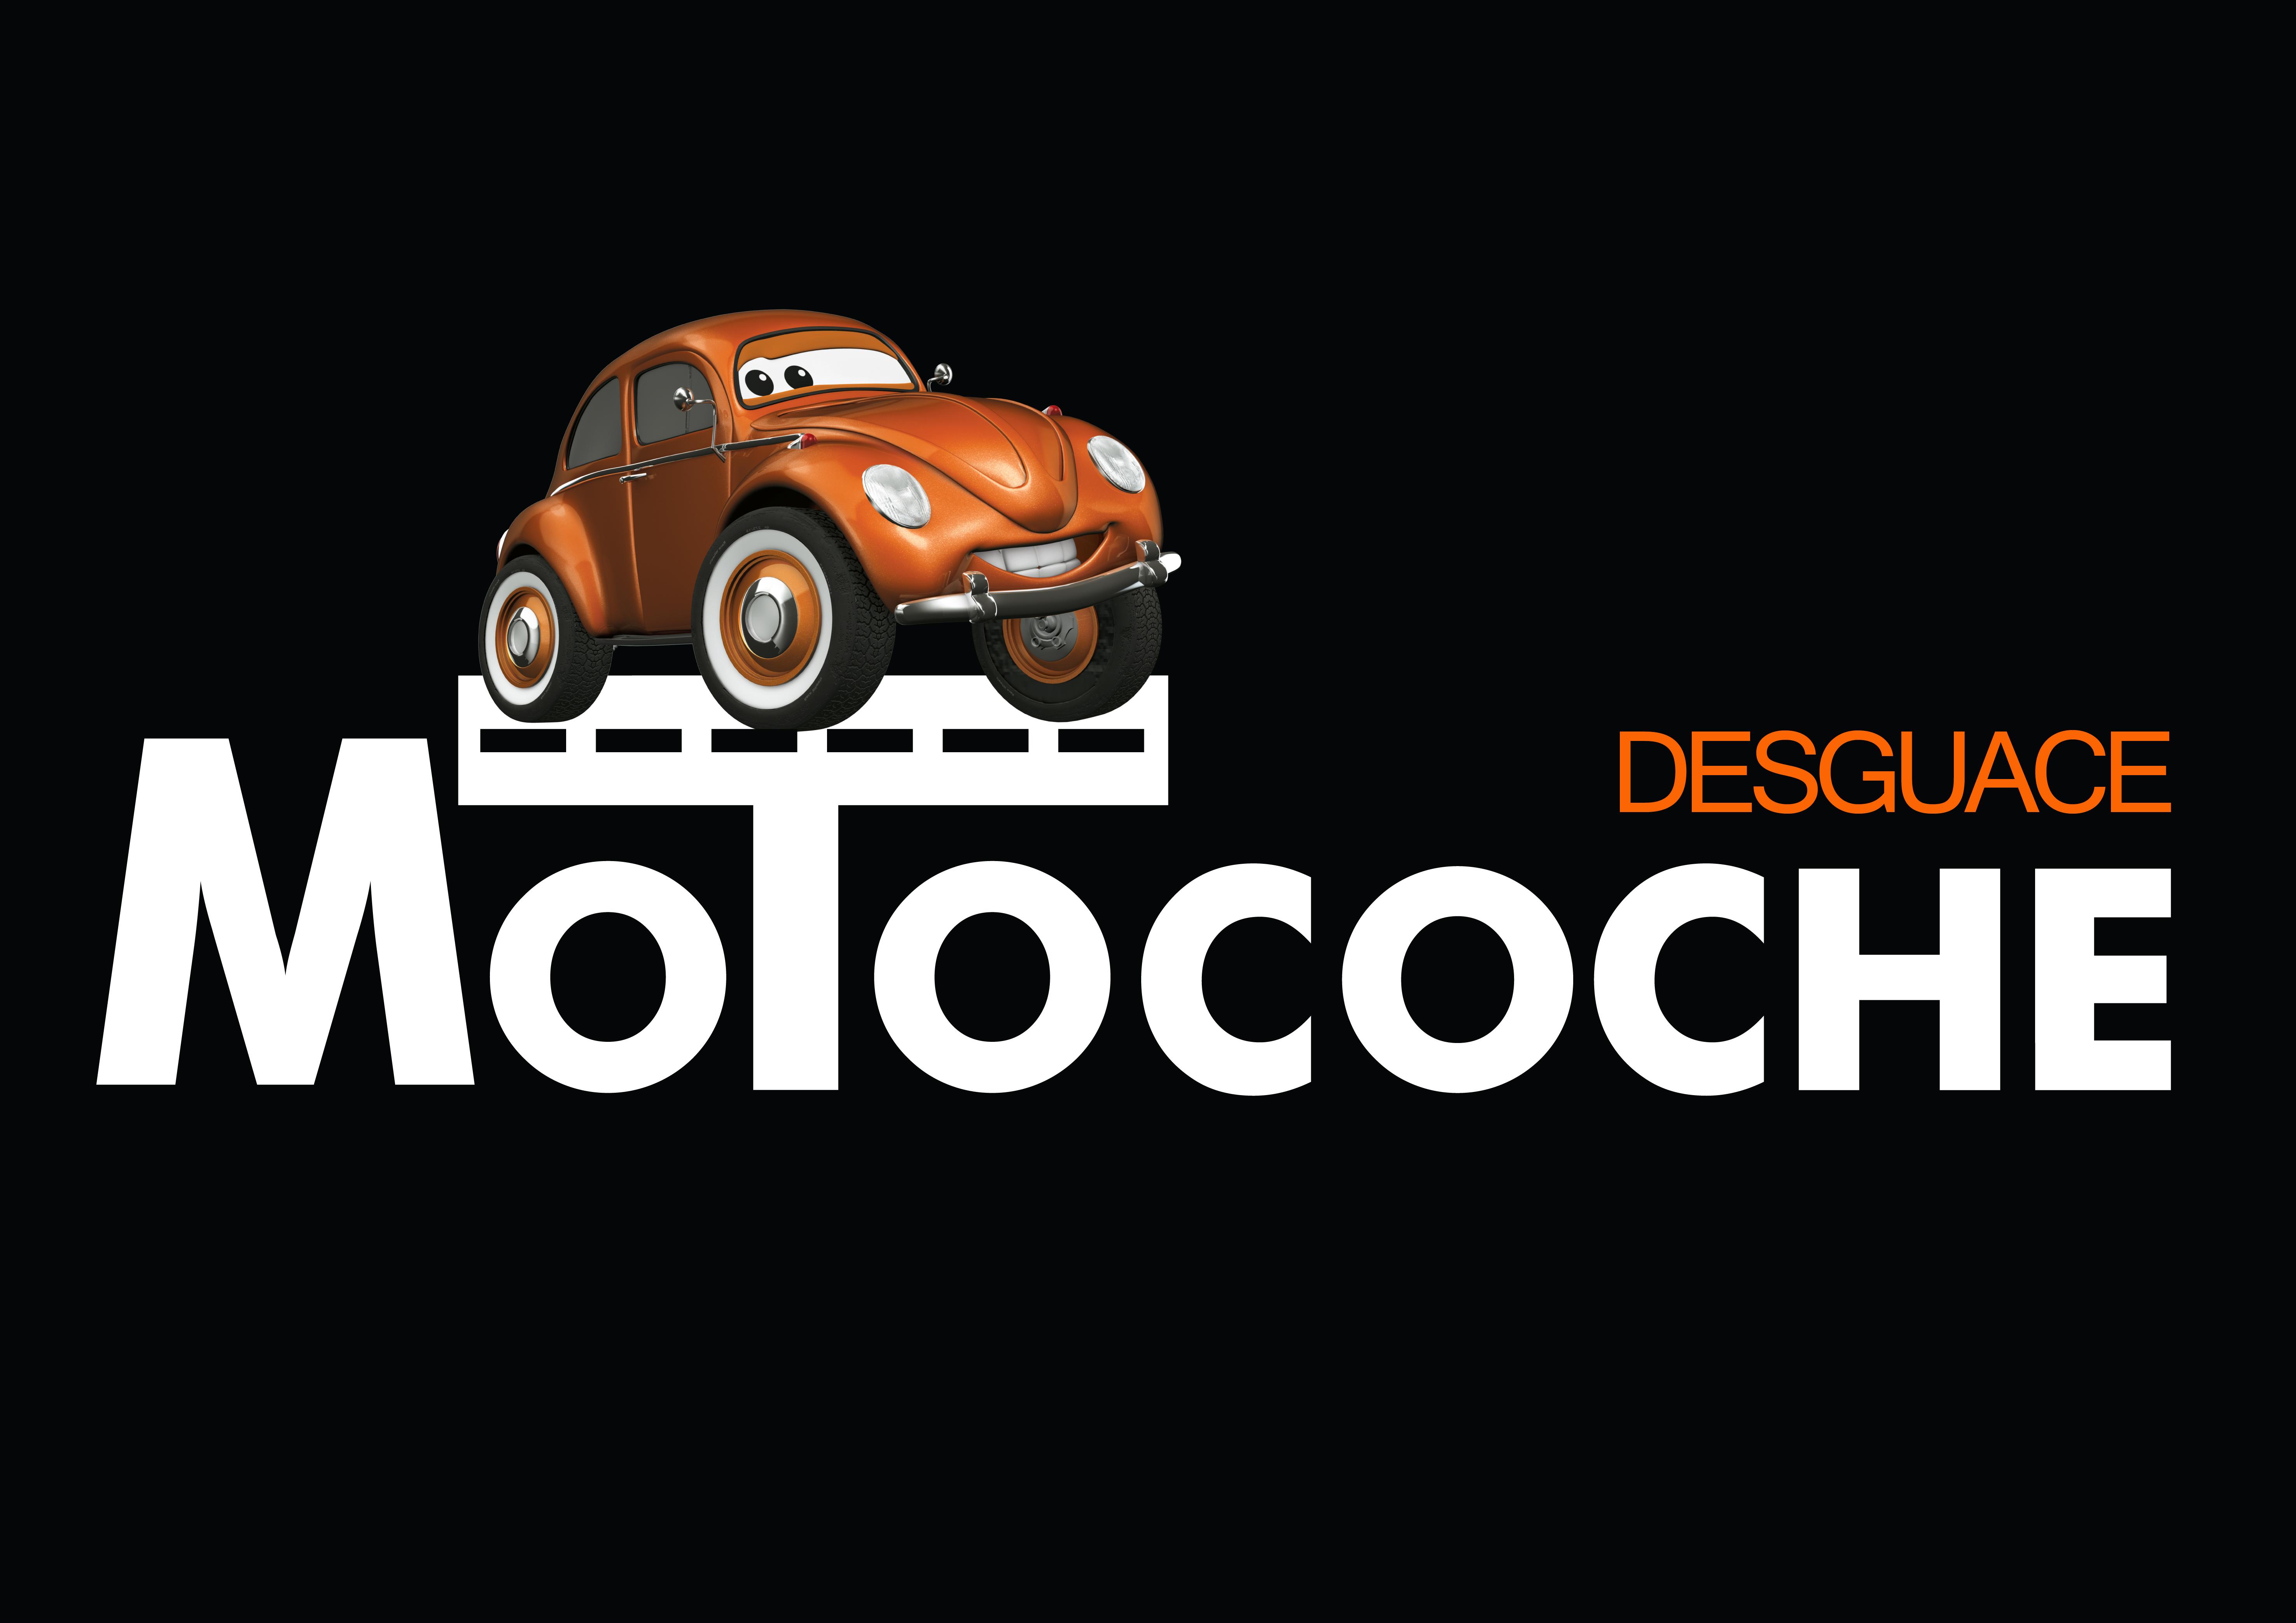 DESGUACE MOTOCOCHE